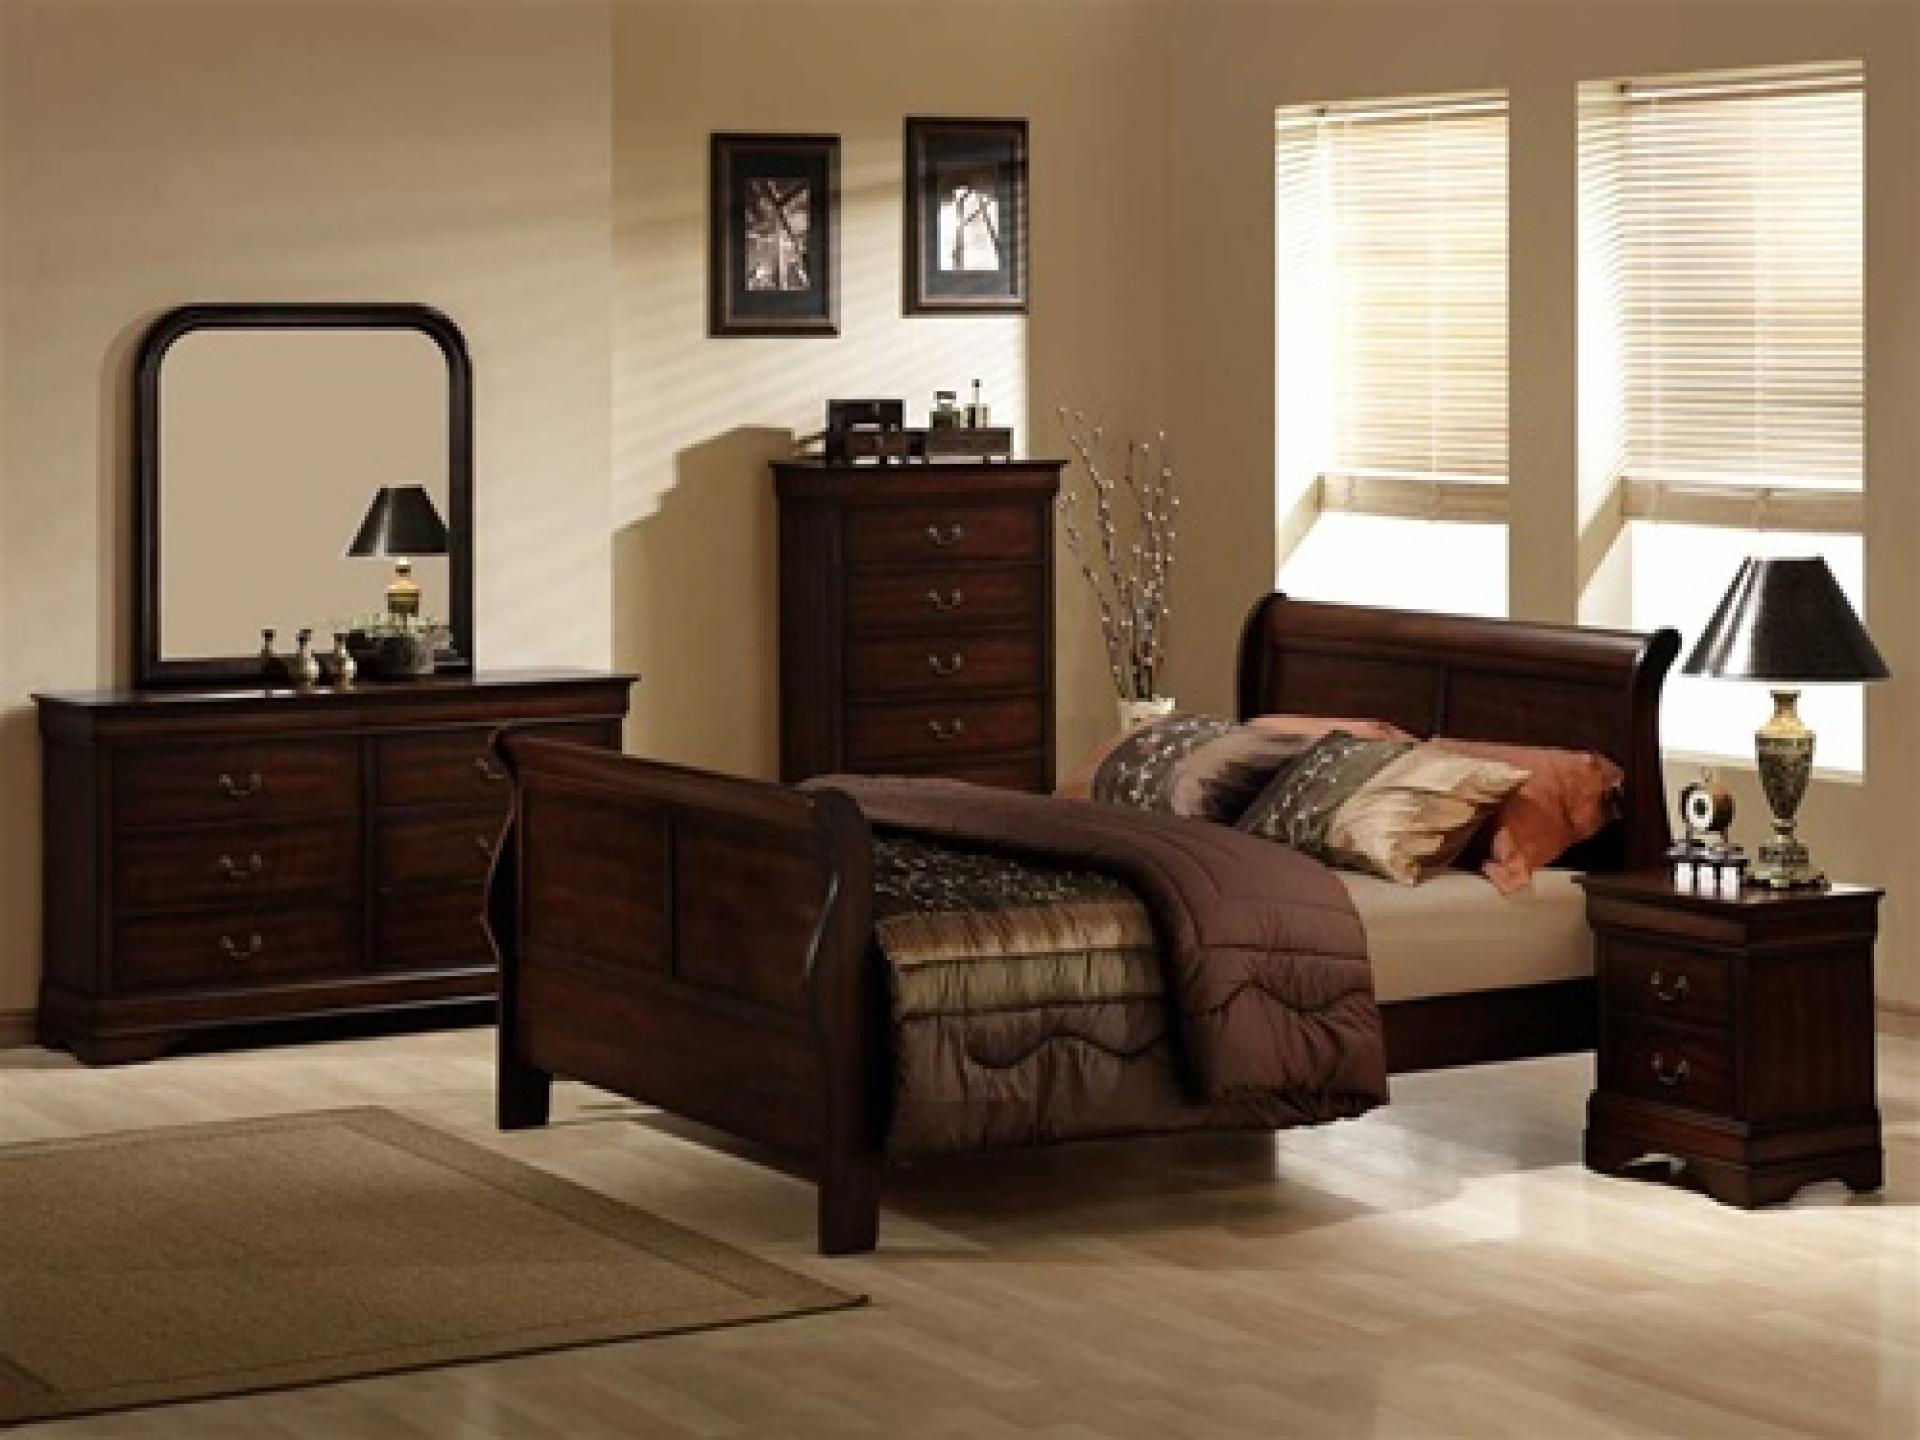 темная мебель со светлыми стенами